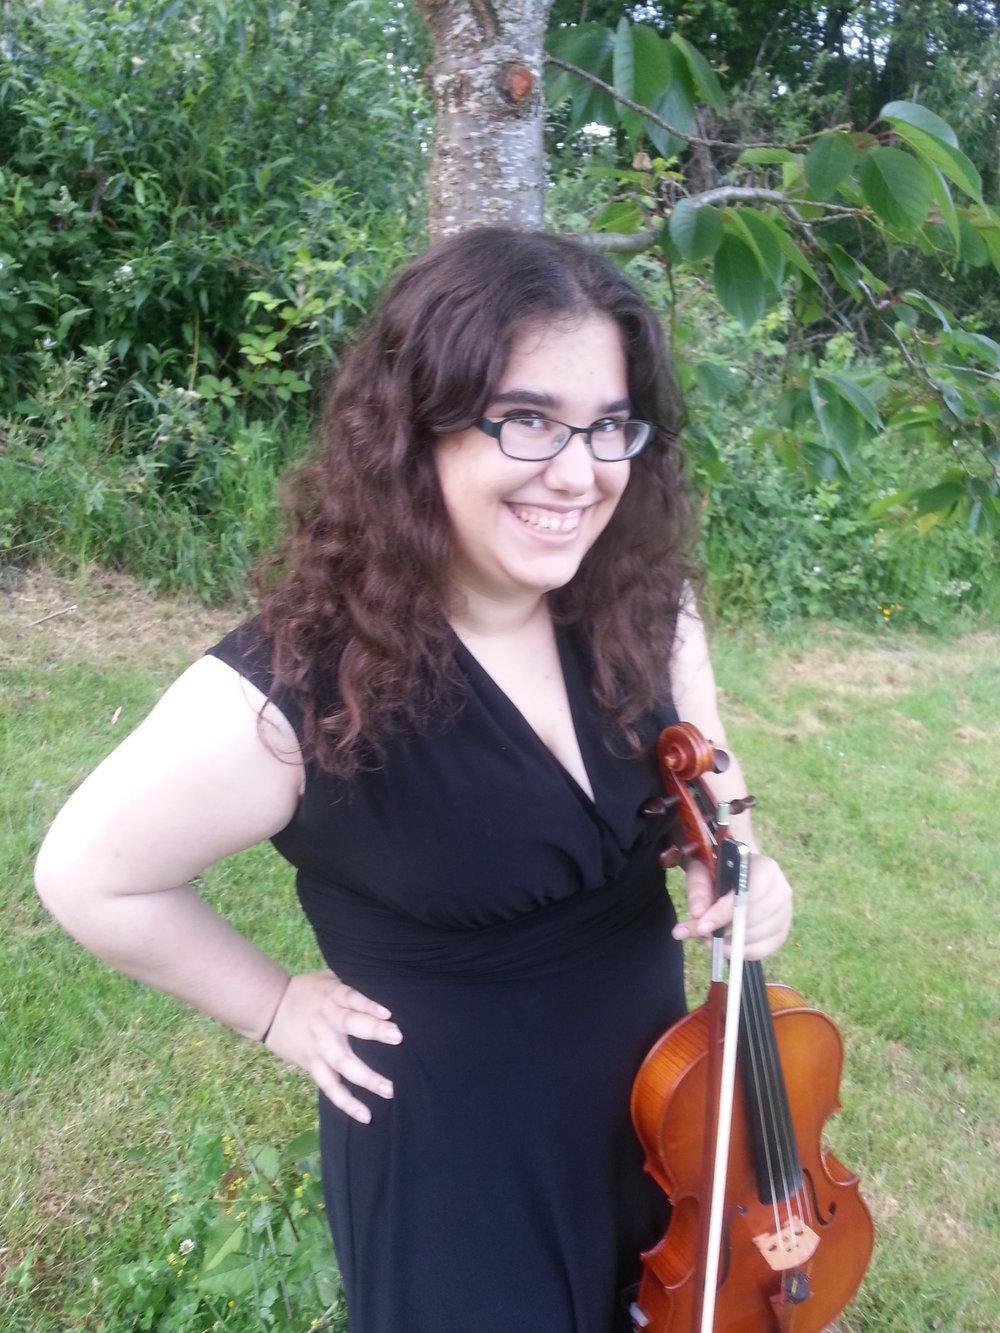 kerry blanton, violin & viola